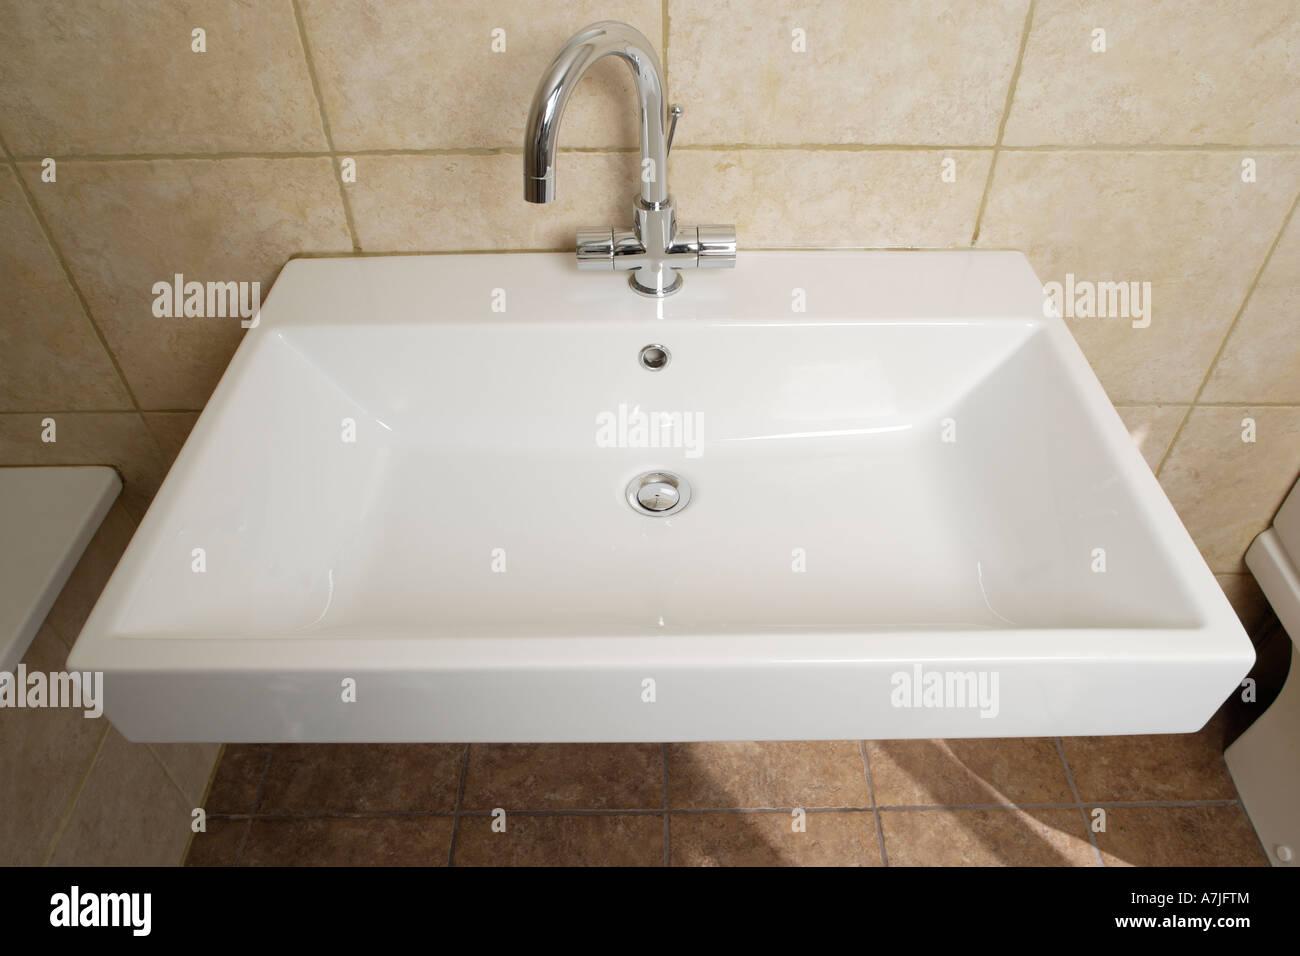 Modern Wash Basin In Bathroom